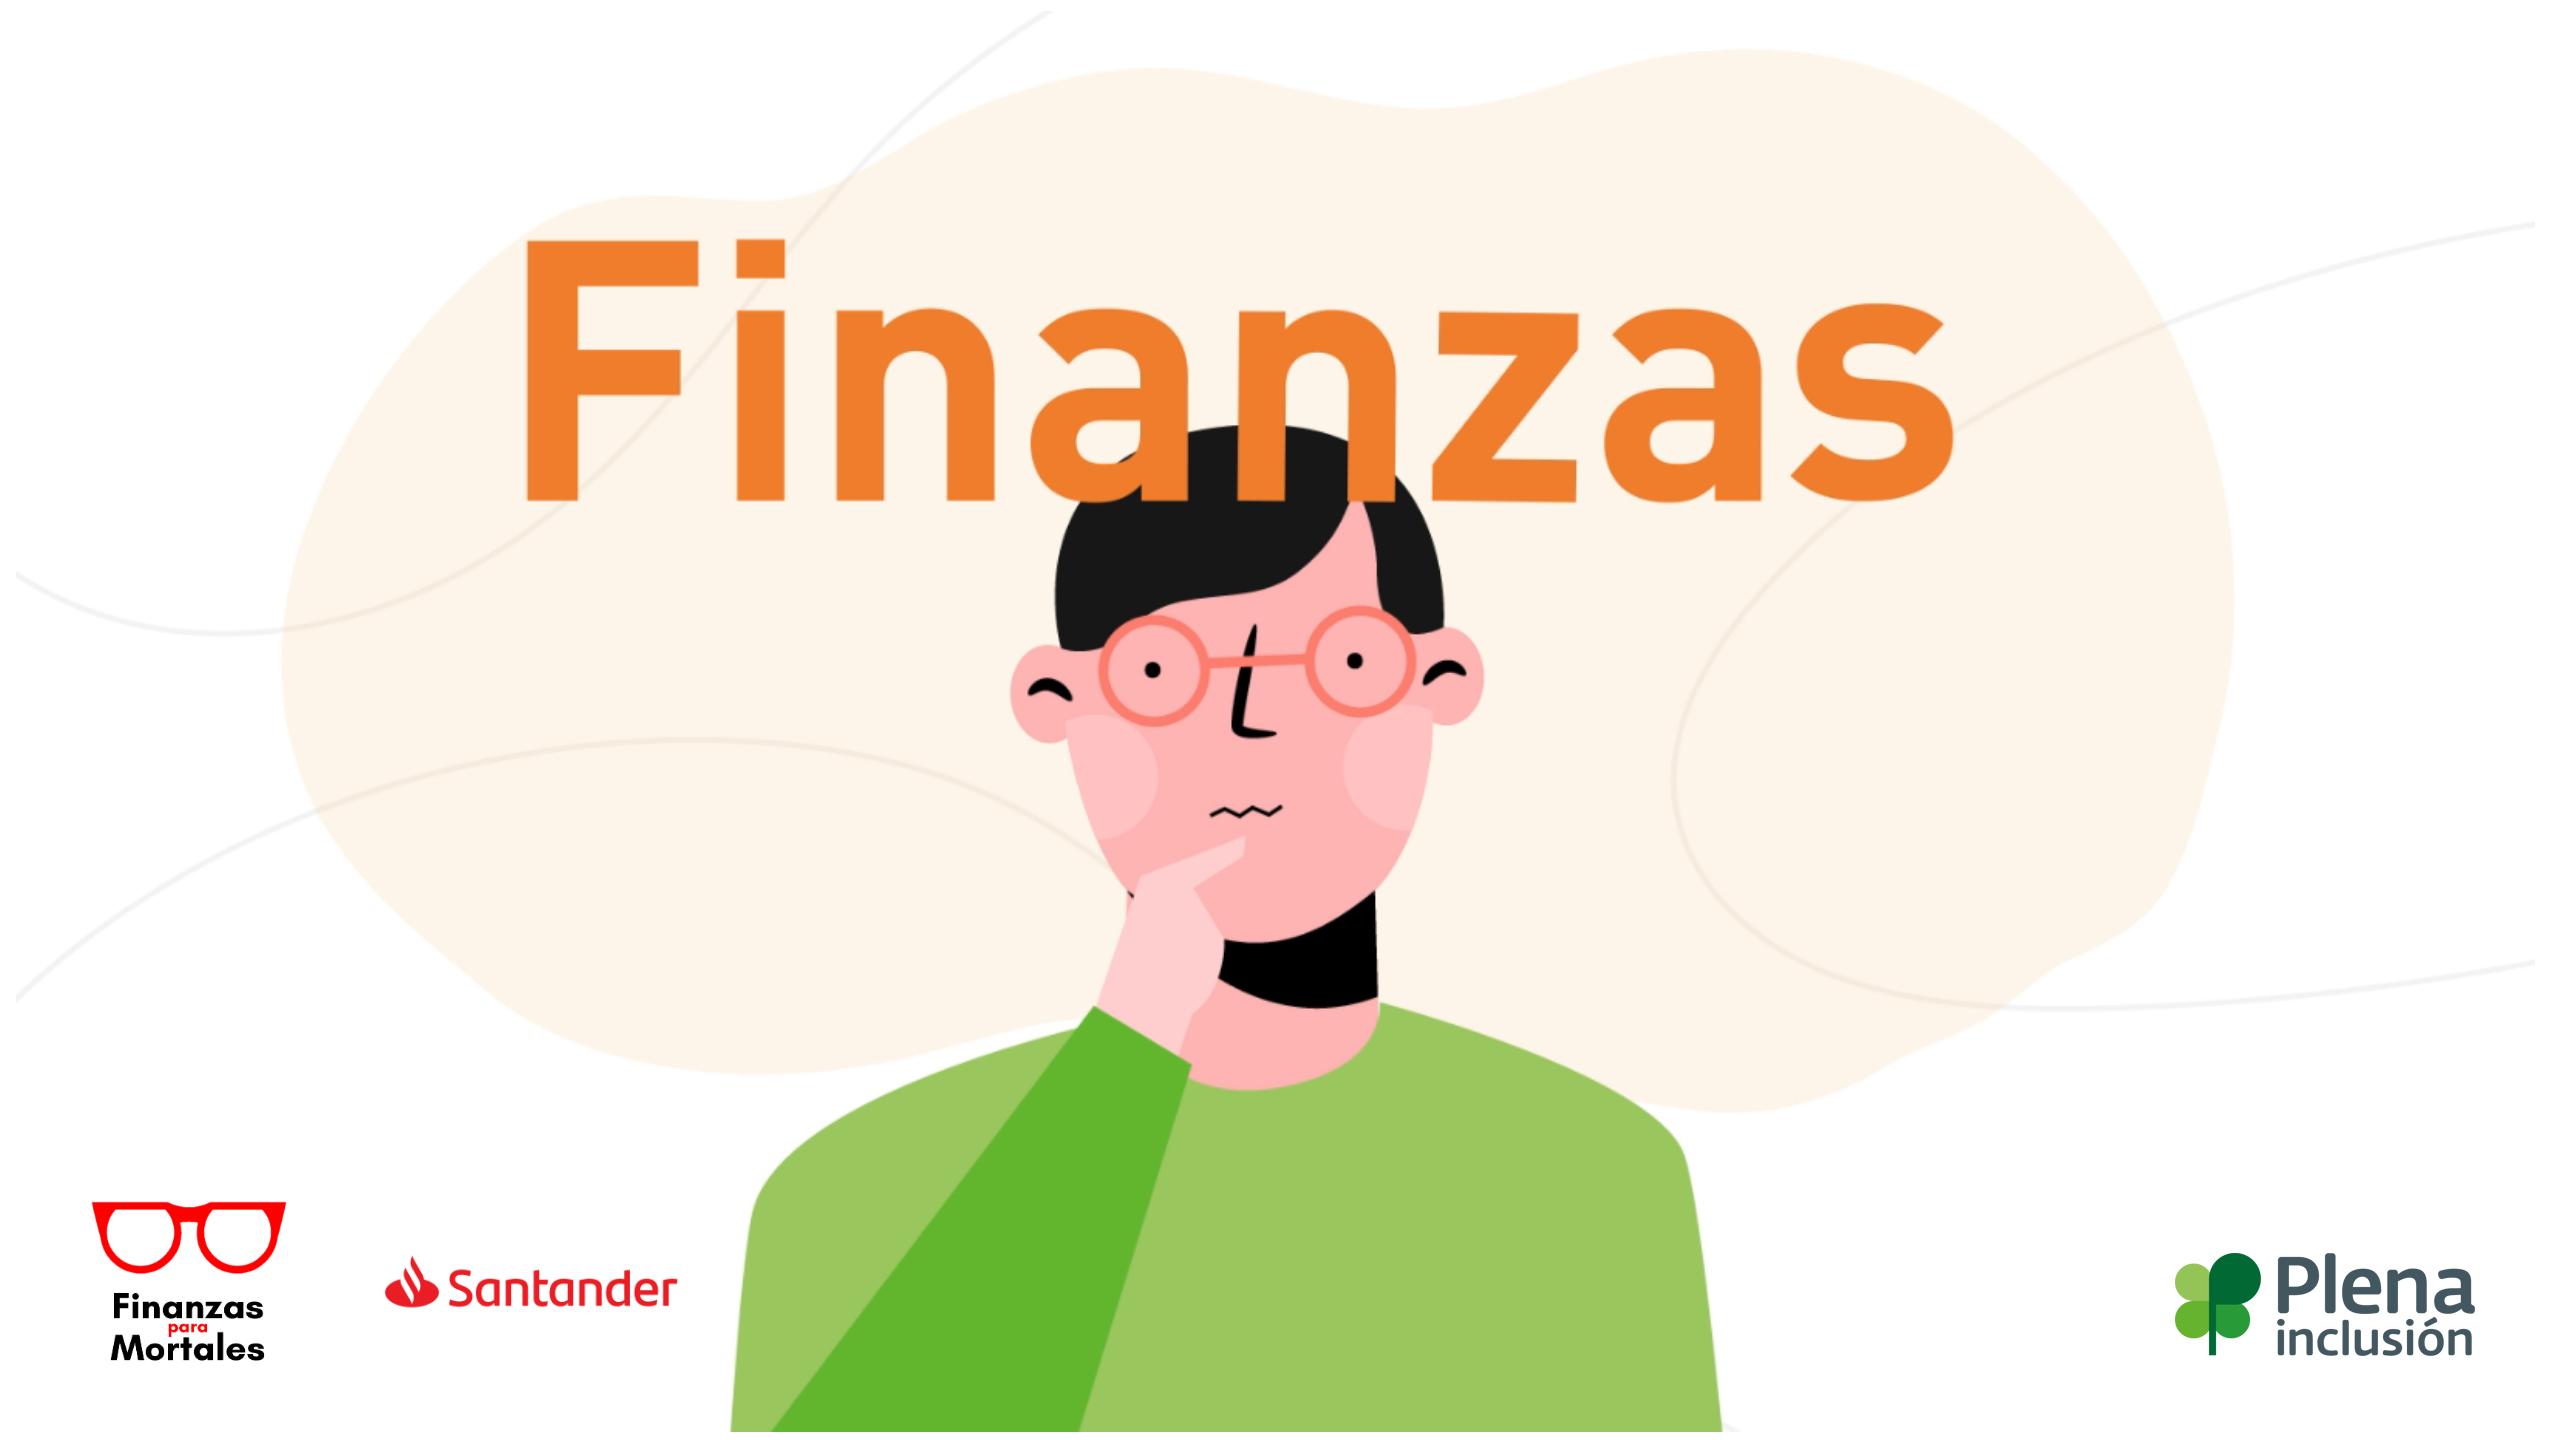 Ir a : Plena inclusión participa junto a Banco Santander en la Global Money Week con dos videos accesibles de 'Finanzas para mortales'